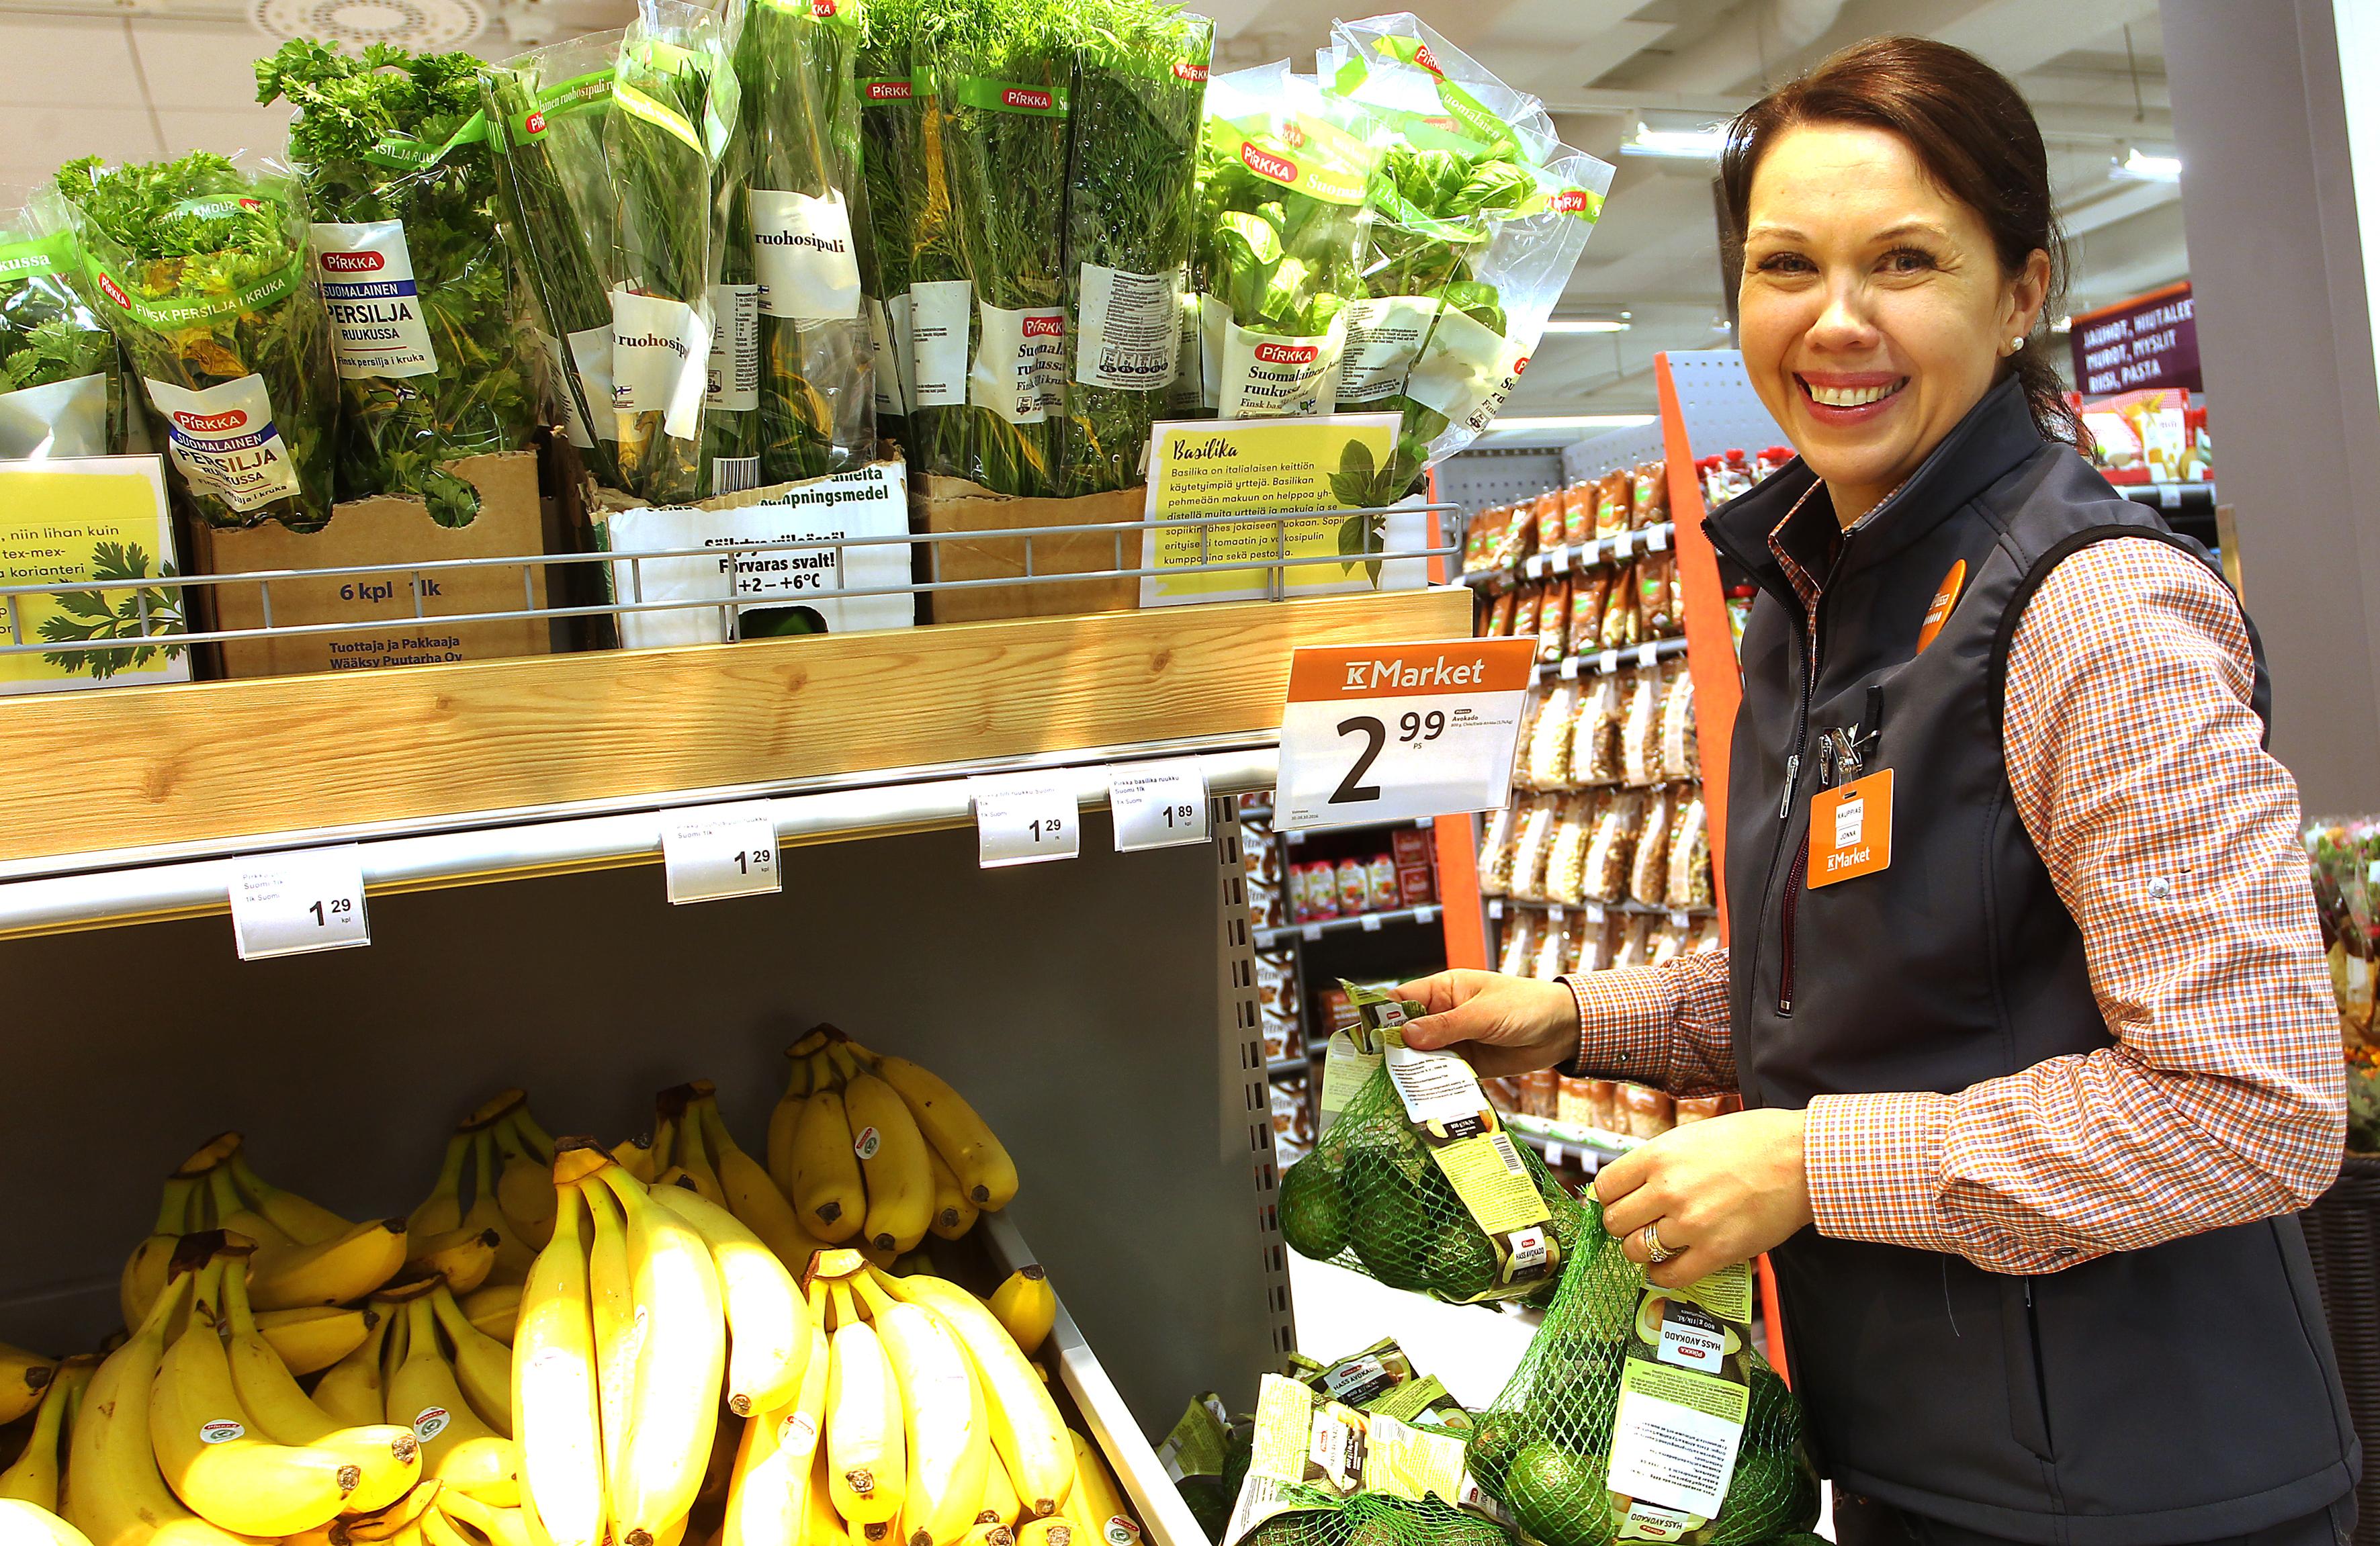 K-Market Kissanmaa